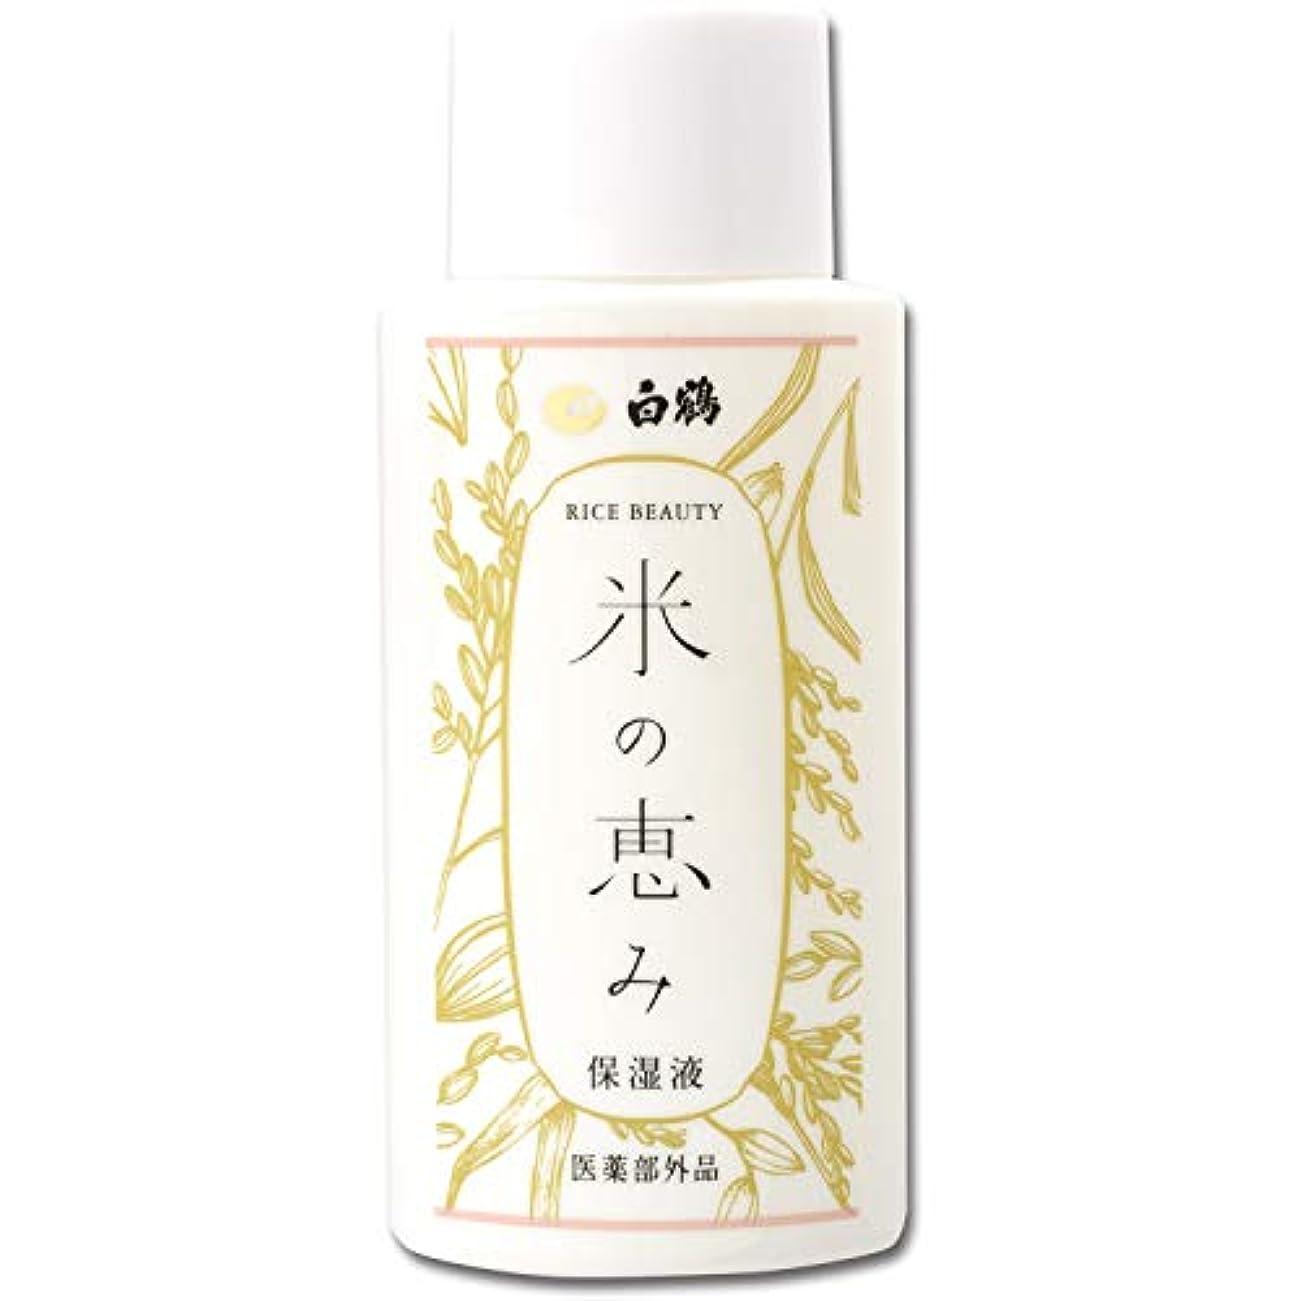 クロールゼリー富豪白鶴 ライスビューティー 米の恵み 保湿液 150ml(高保湿とろみ化粧水/医薬部外品)